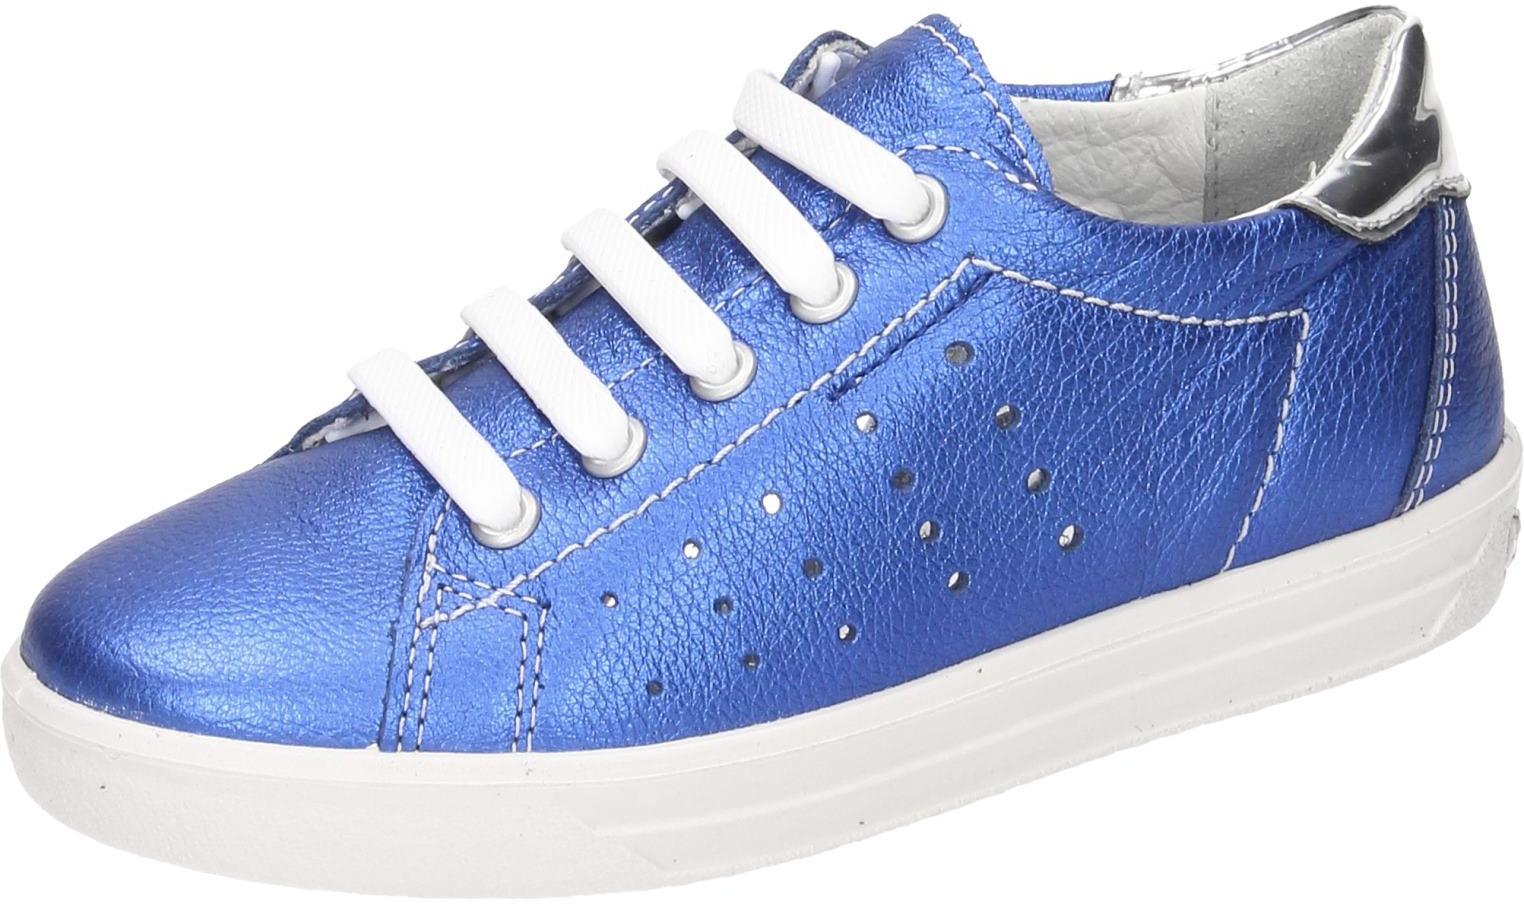 Ricosta Kinder Mädchen Schuhe Mädchen Halbschuh Halbschuh Halbschuh -M blau Leder 440063 1462d1